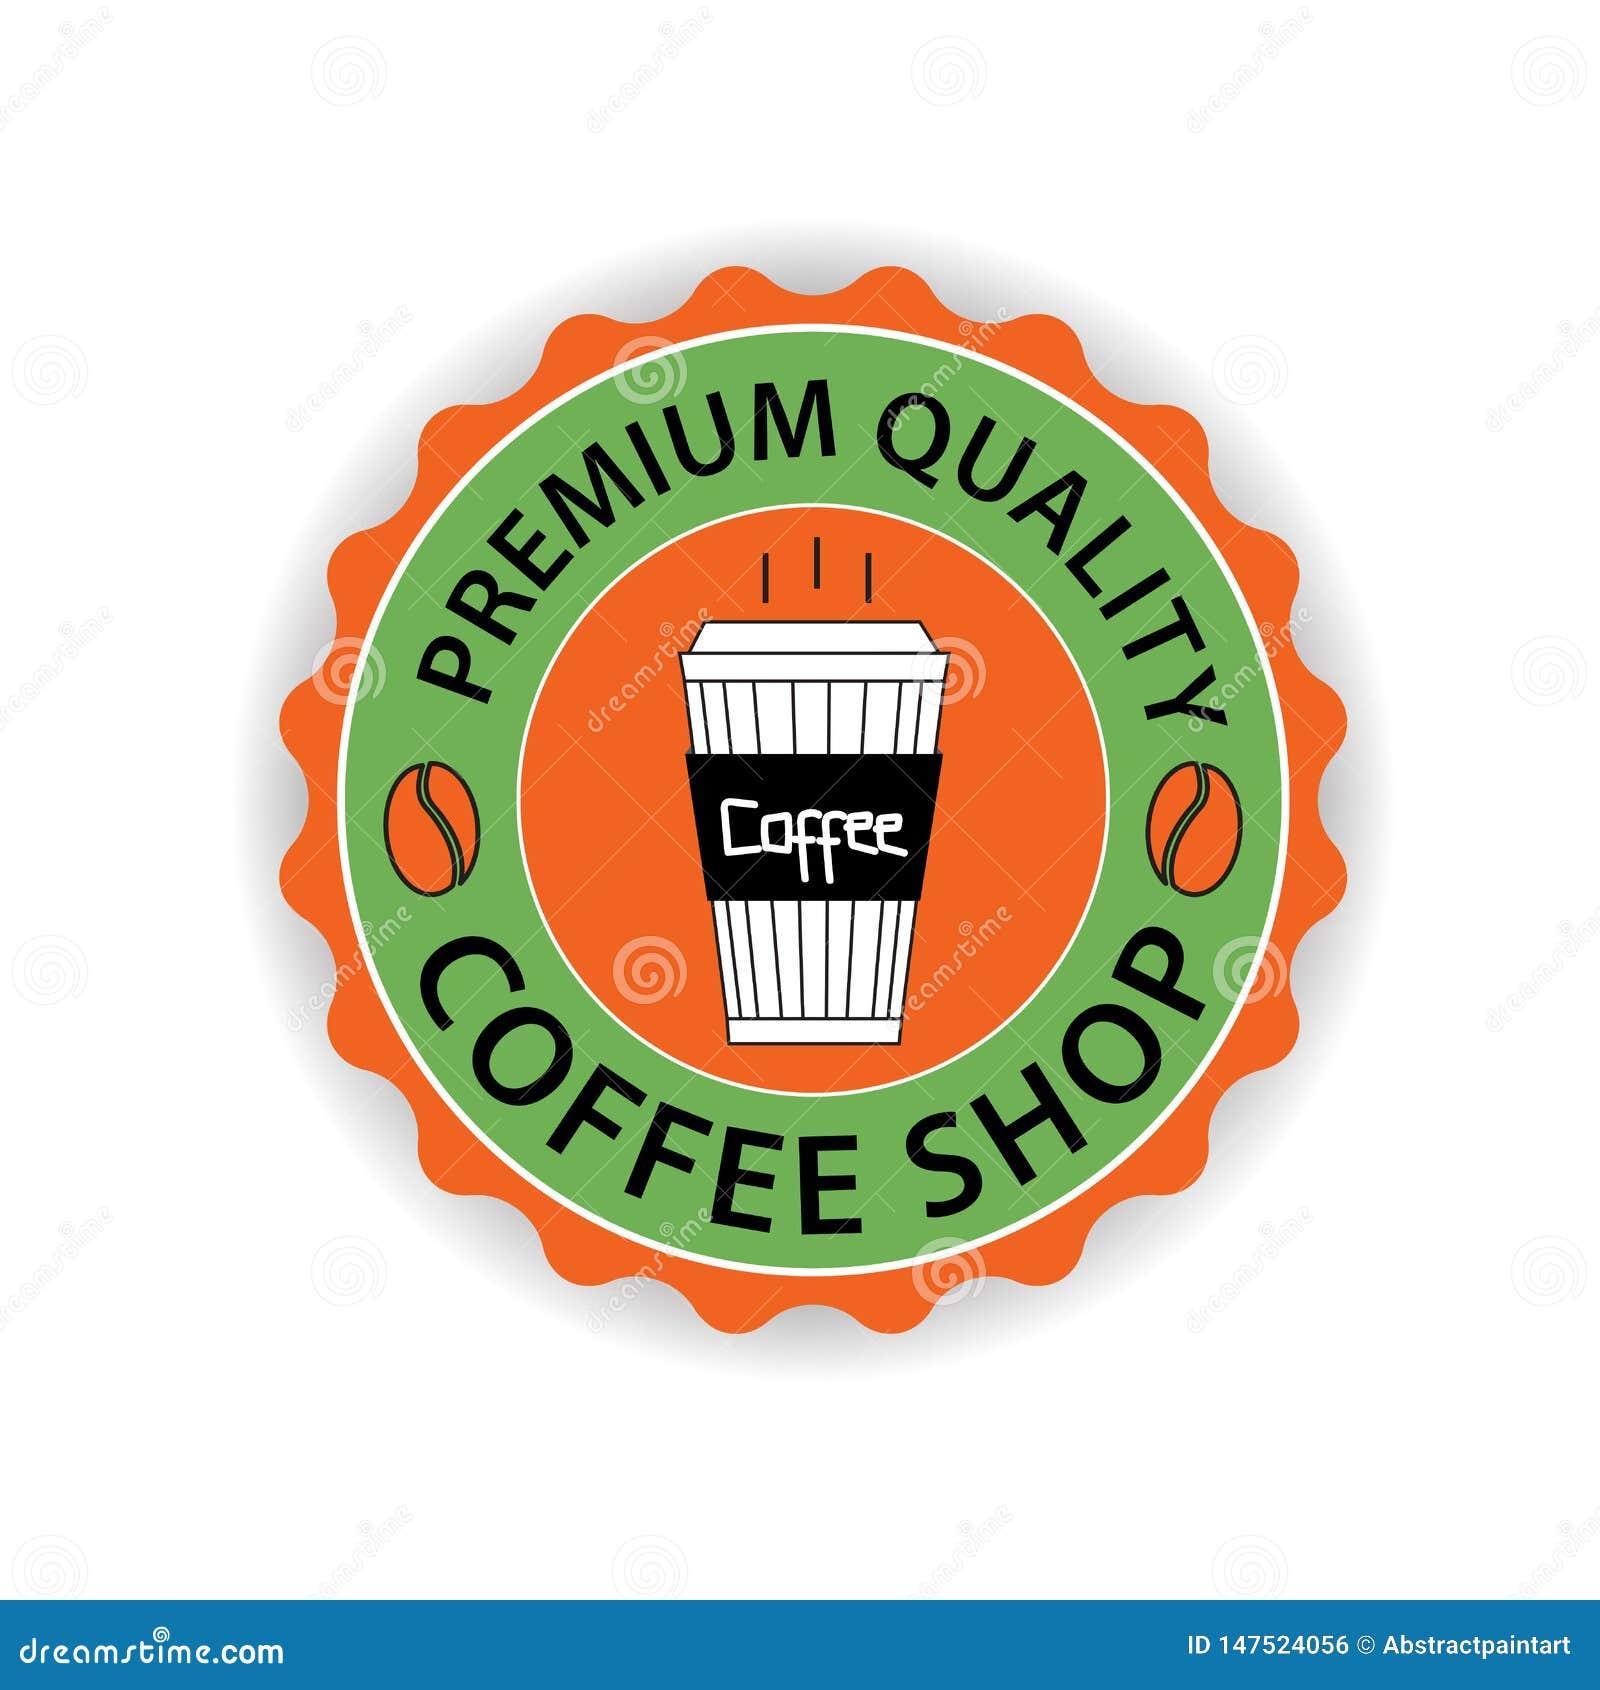 Vetor do logotipo da cafetaria, projeto do ícone do copo de café, ícone da Web